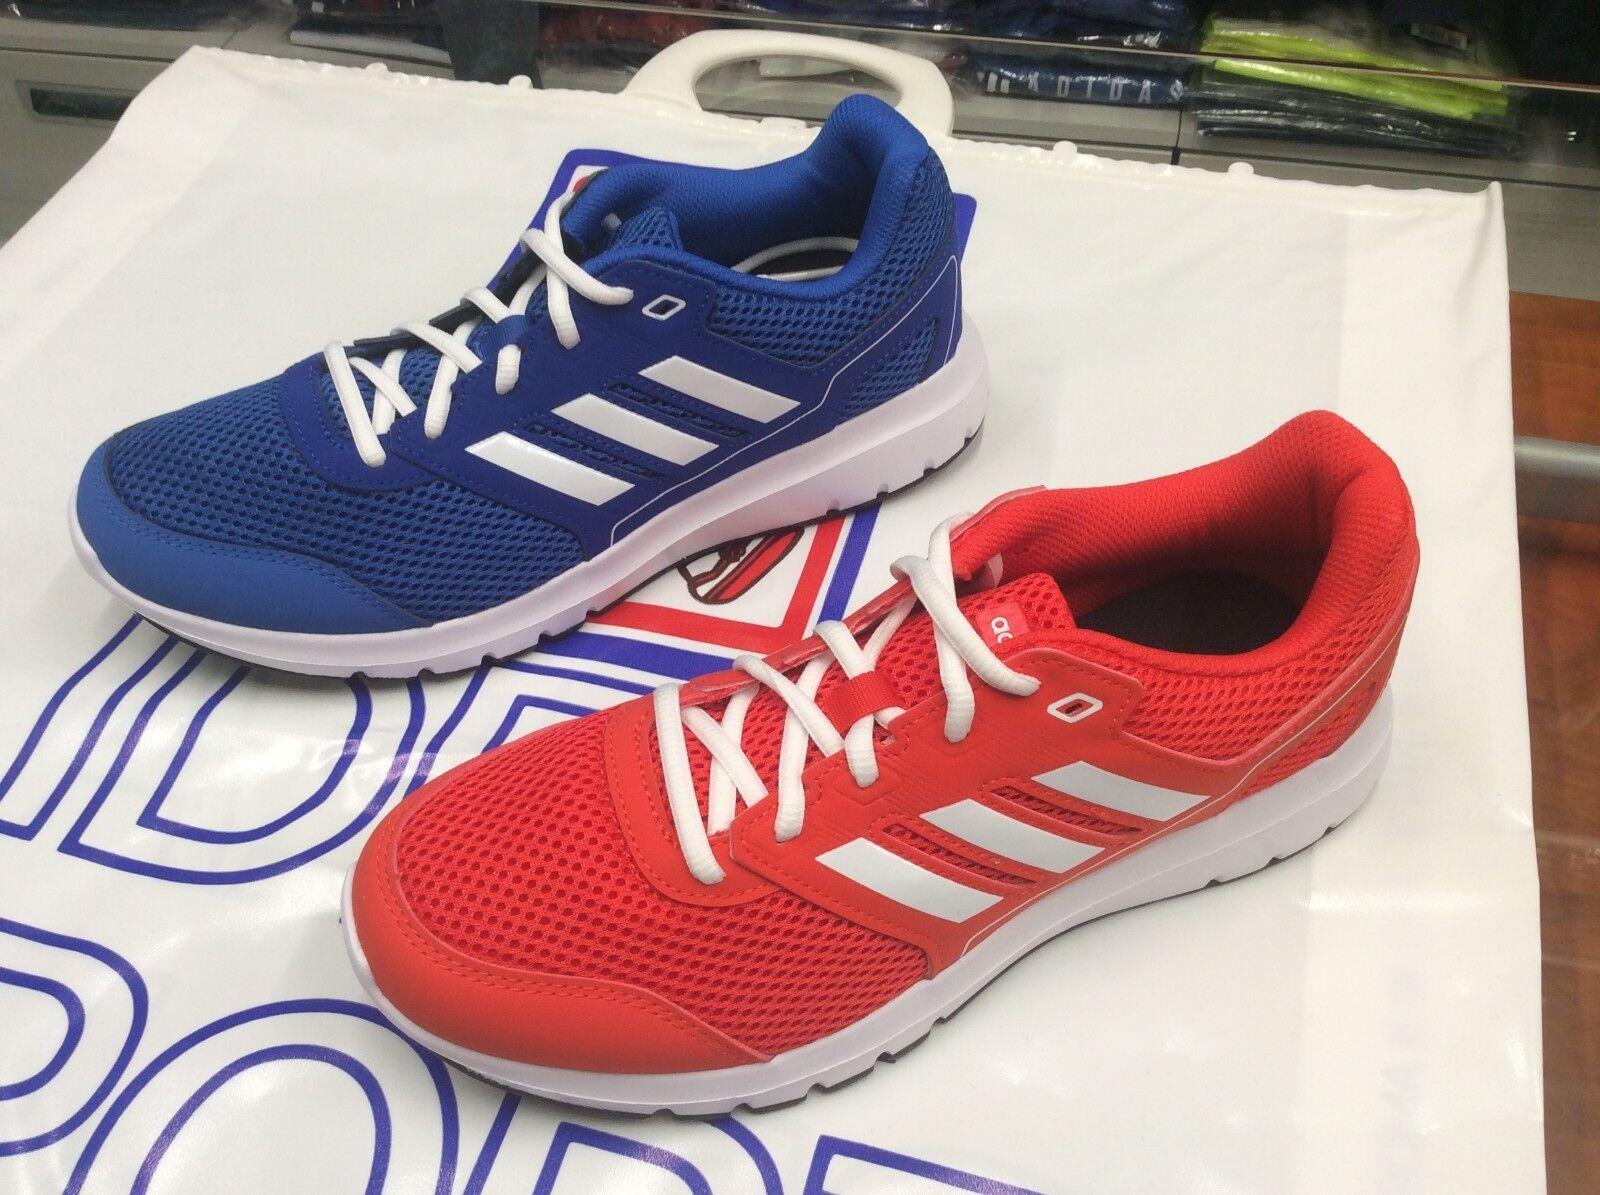 Adidas scarpe de hombre a duramo duramo duramo litigio 2.0 arte.cg4046 rosso cg4049 reale | Qualità Eccellente  | Uomini/Donna Scarpa  7d0975